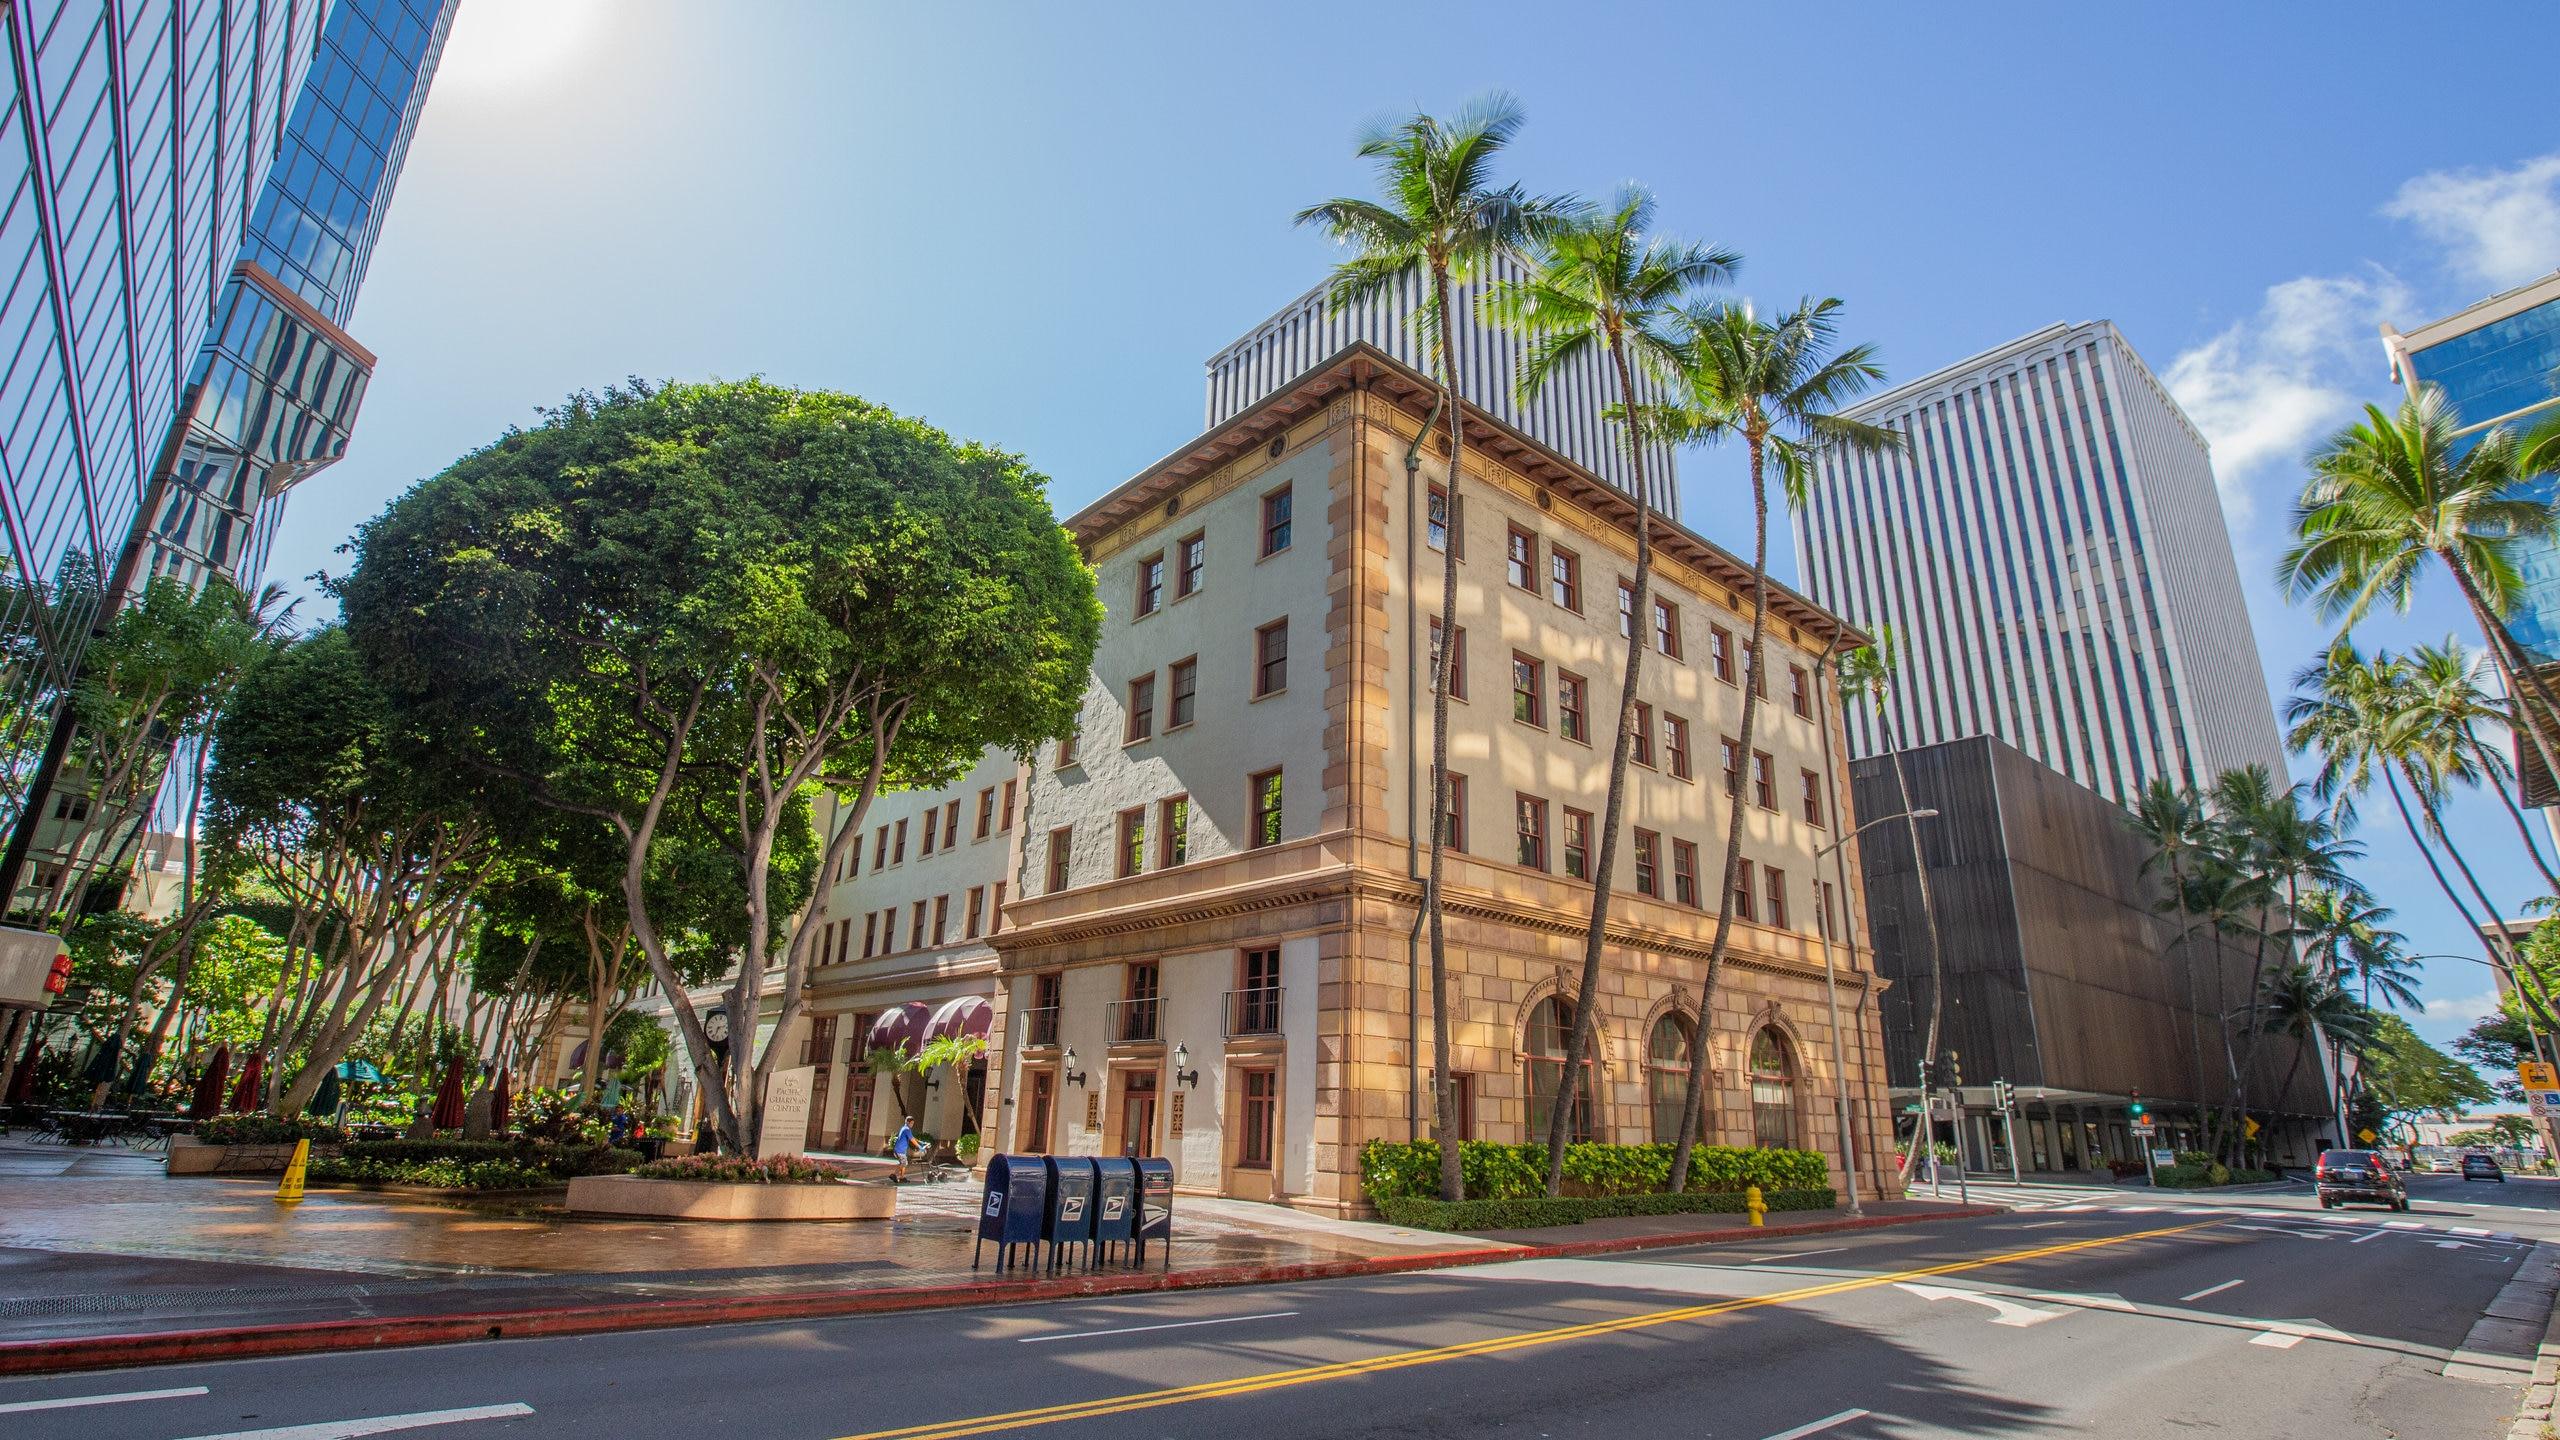 Downtown Honolulu, Honolulu, Hawaii, United States of America